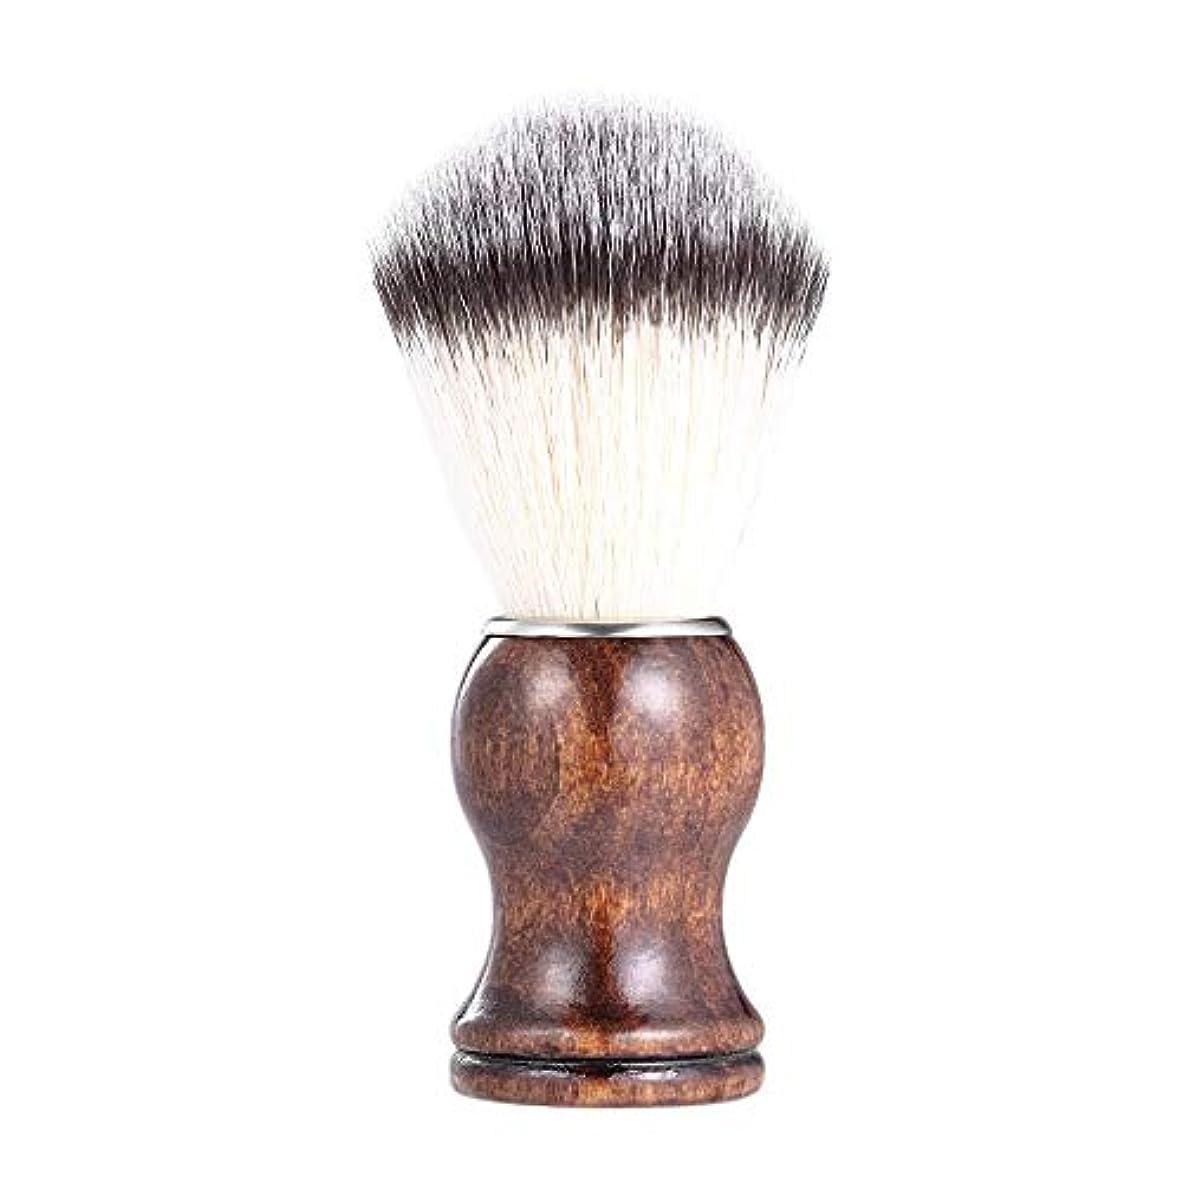 君主制抜本的な限られたあごひげケア 美容ツール メンズ用 髭剃り ブラシ シェービングブラシ 木製ハンドル 男性 ギフト理容 洗顔 髭剃り